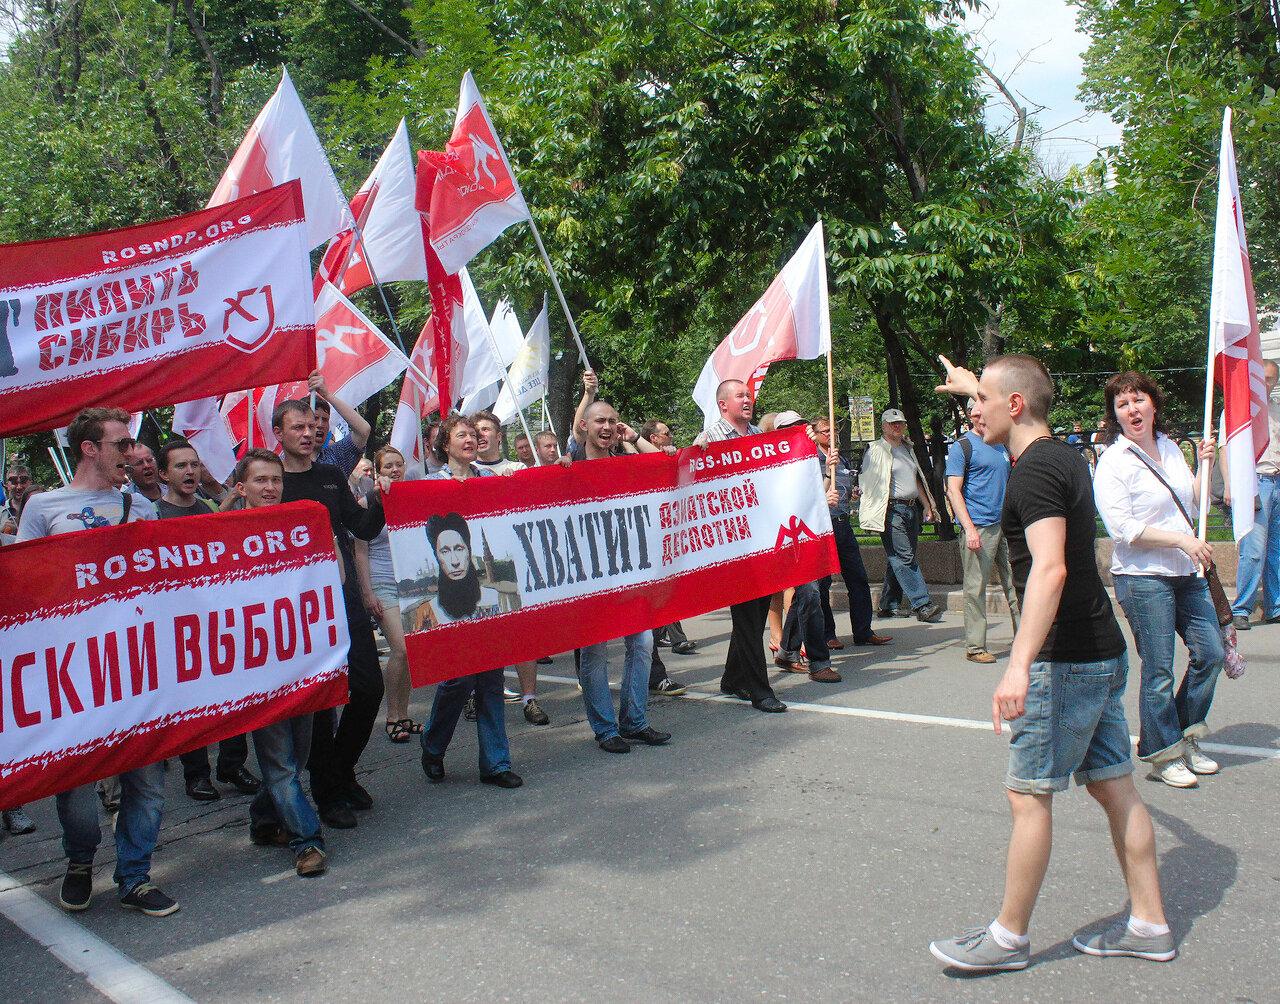 http://img-fotki.yandex.ru/get/6311/36058990.f/0_7d77f_215cd8b4_XXXL